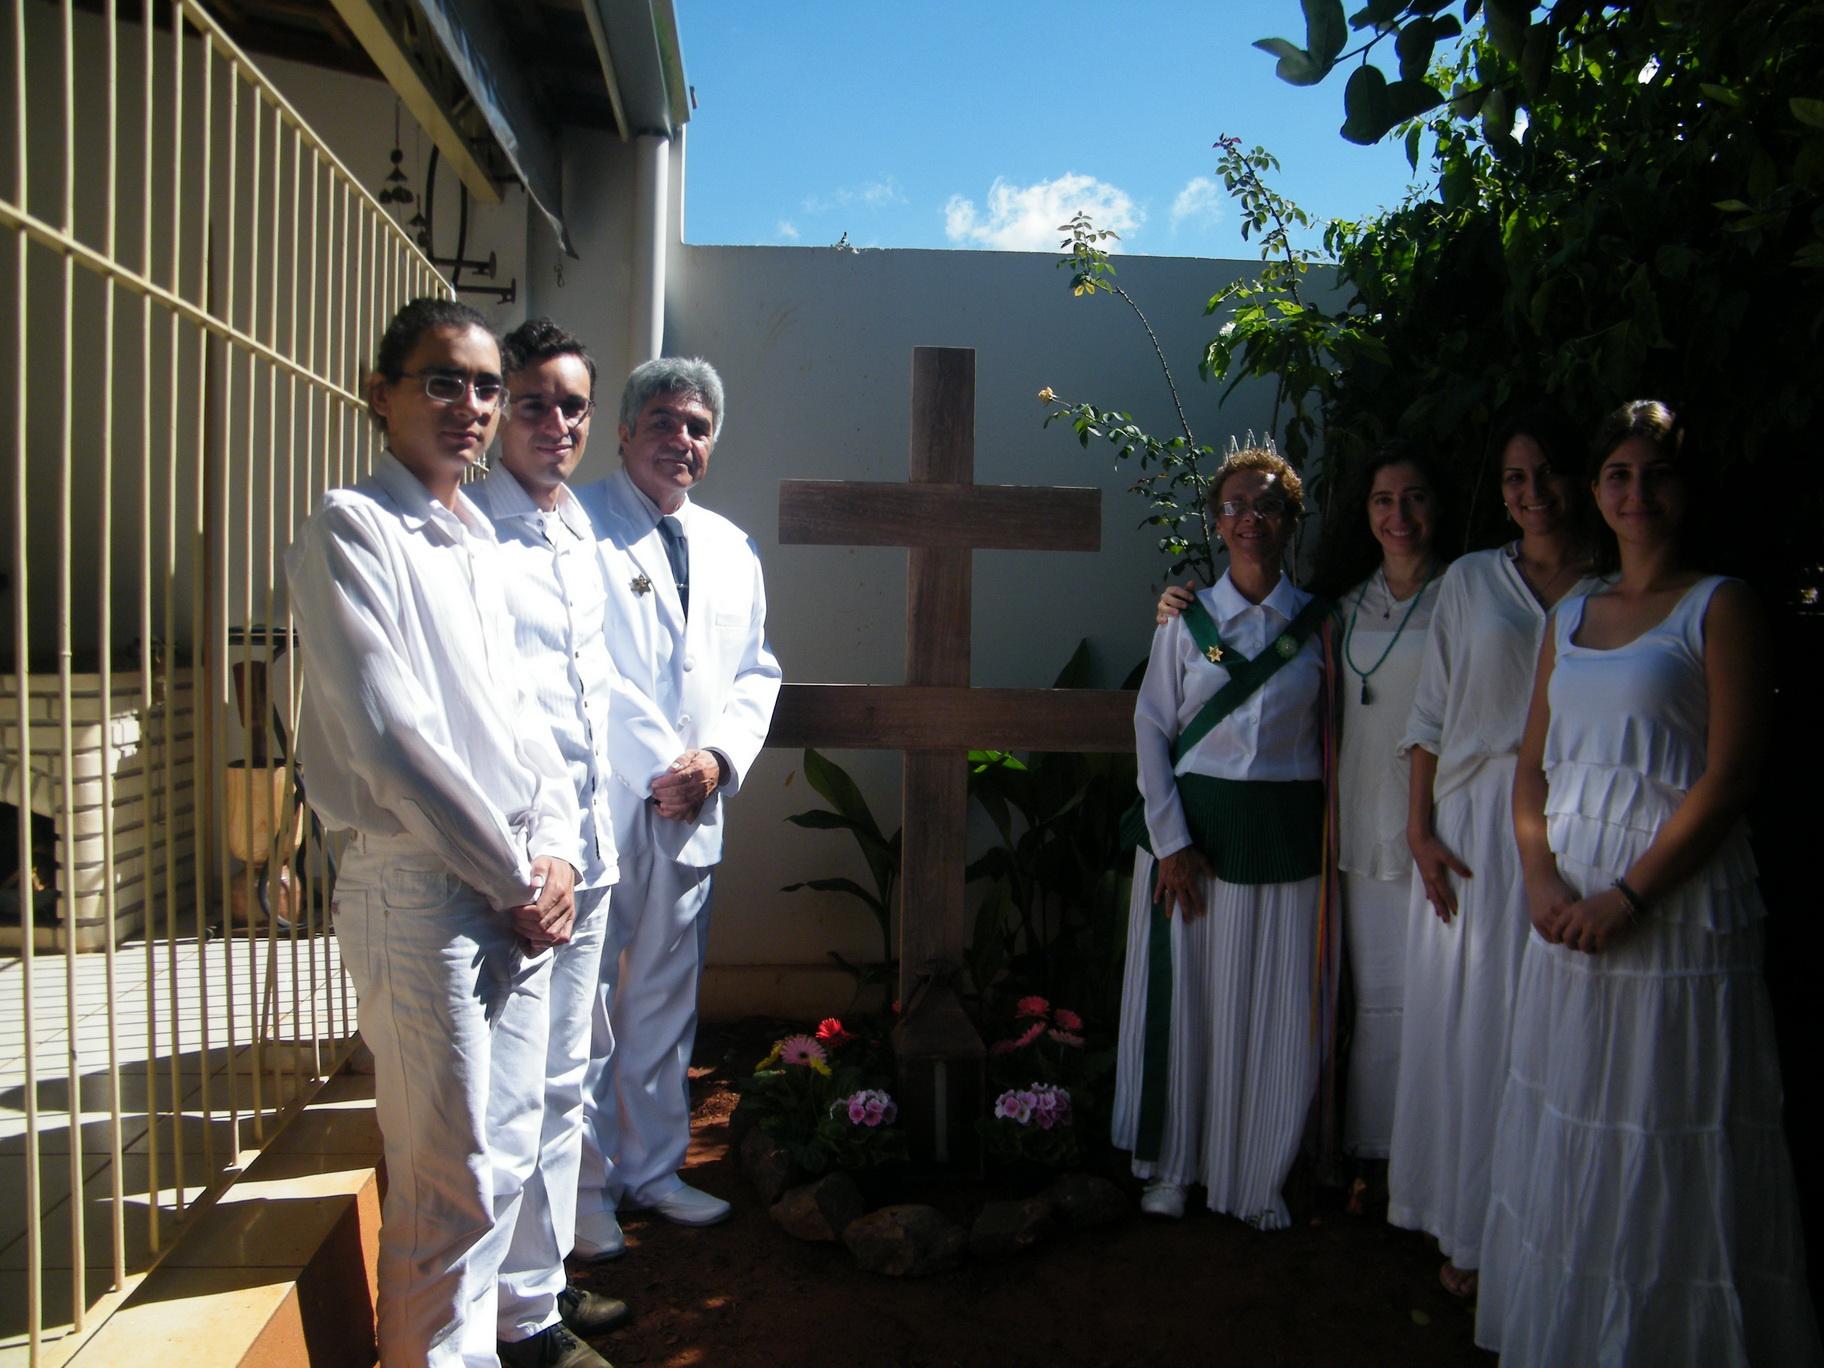 1º Festejos da Virgem da Conceição - 07-12-2014.jpg